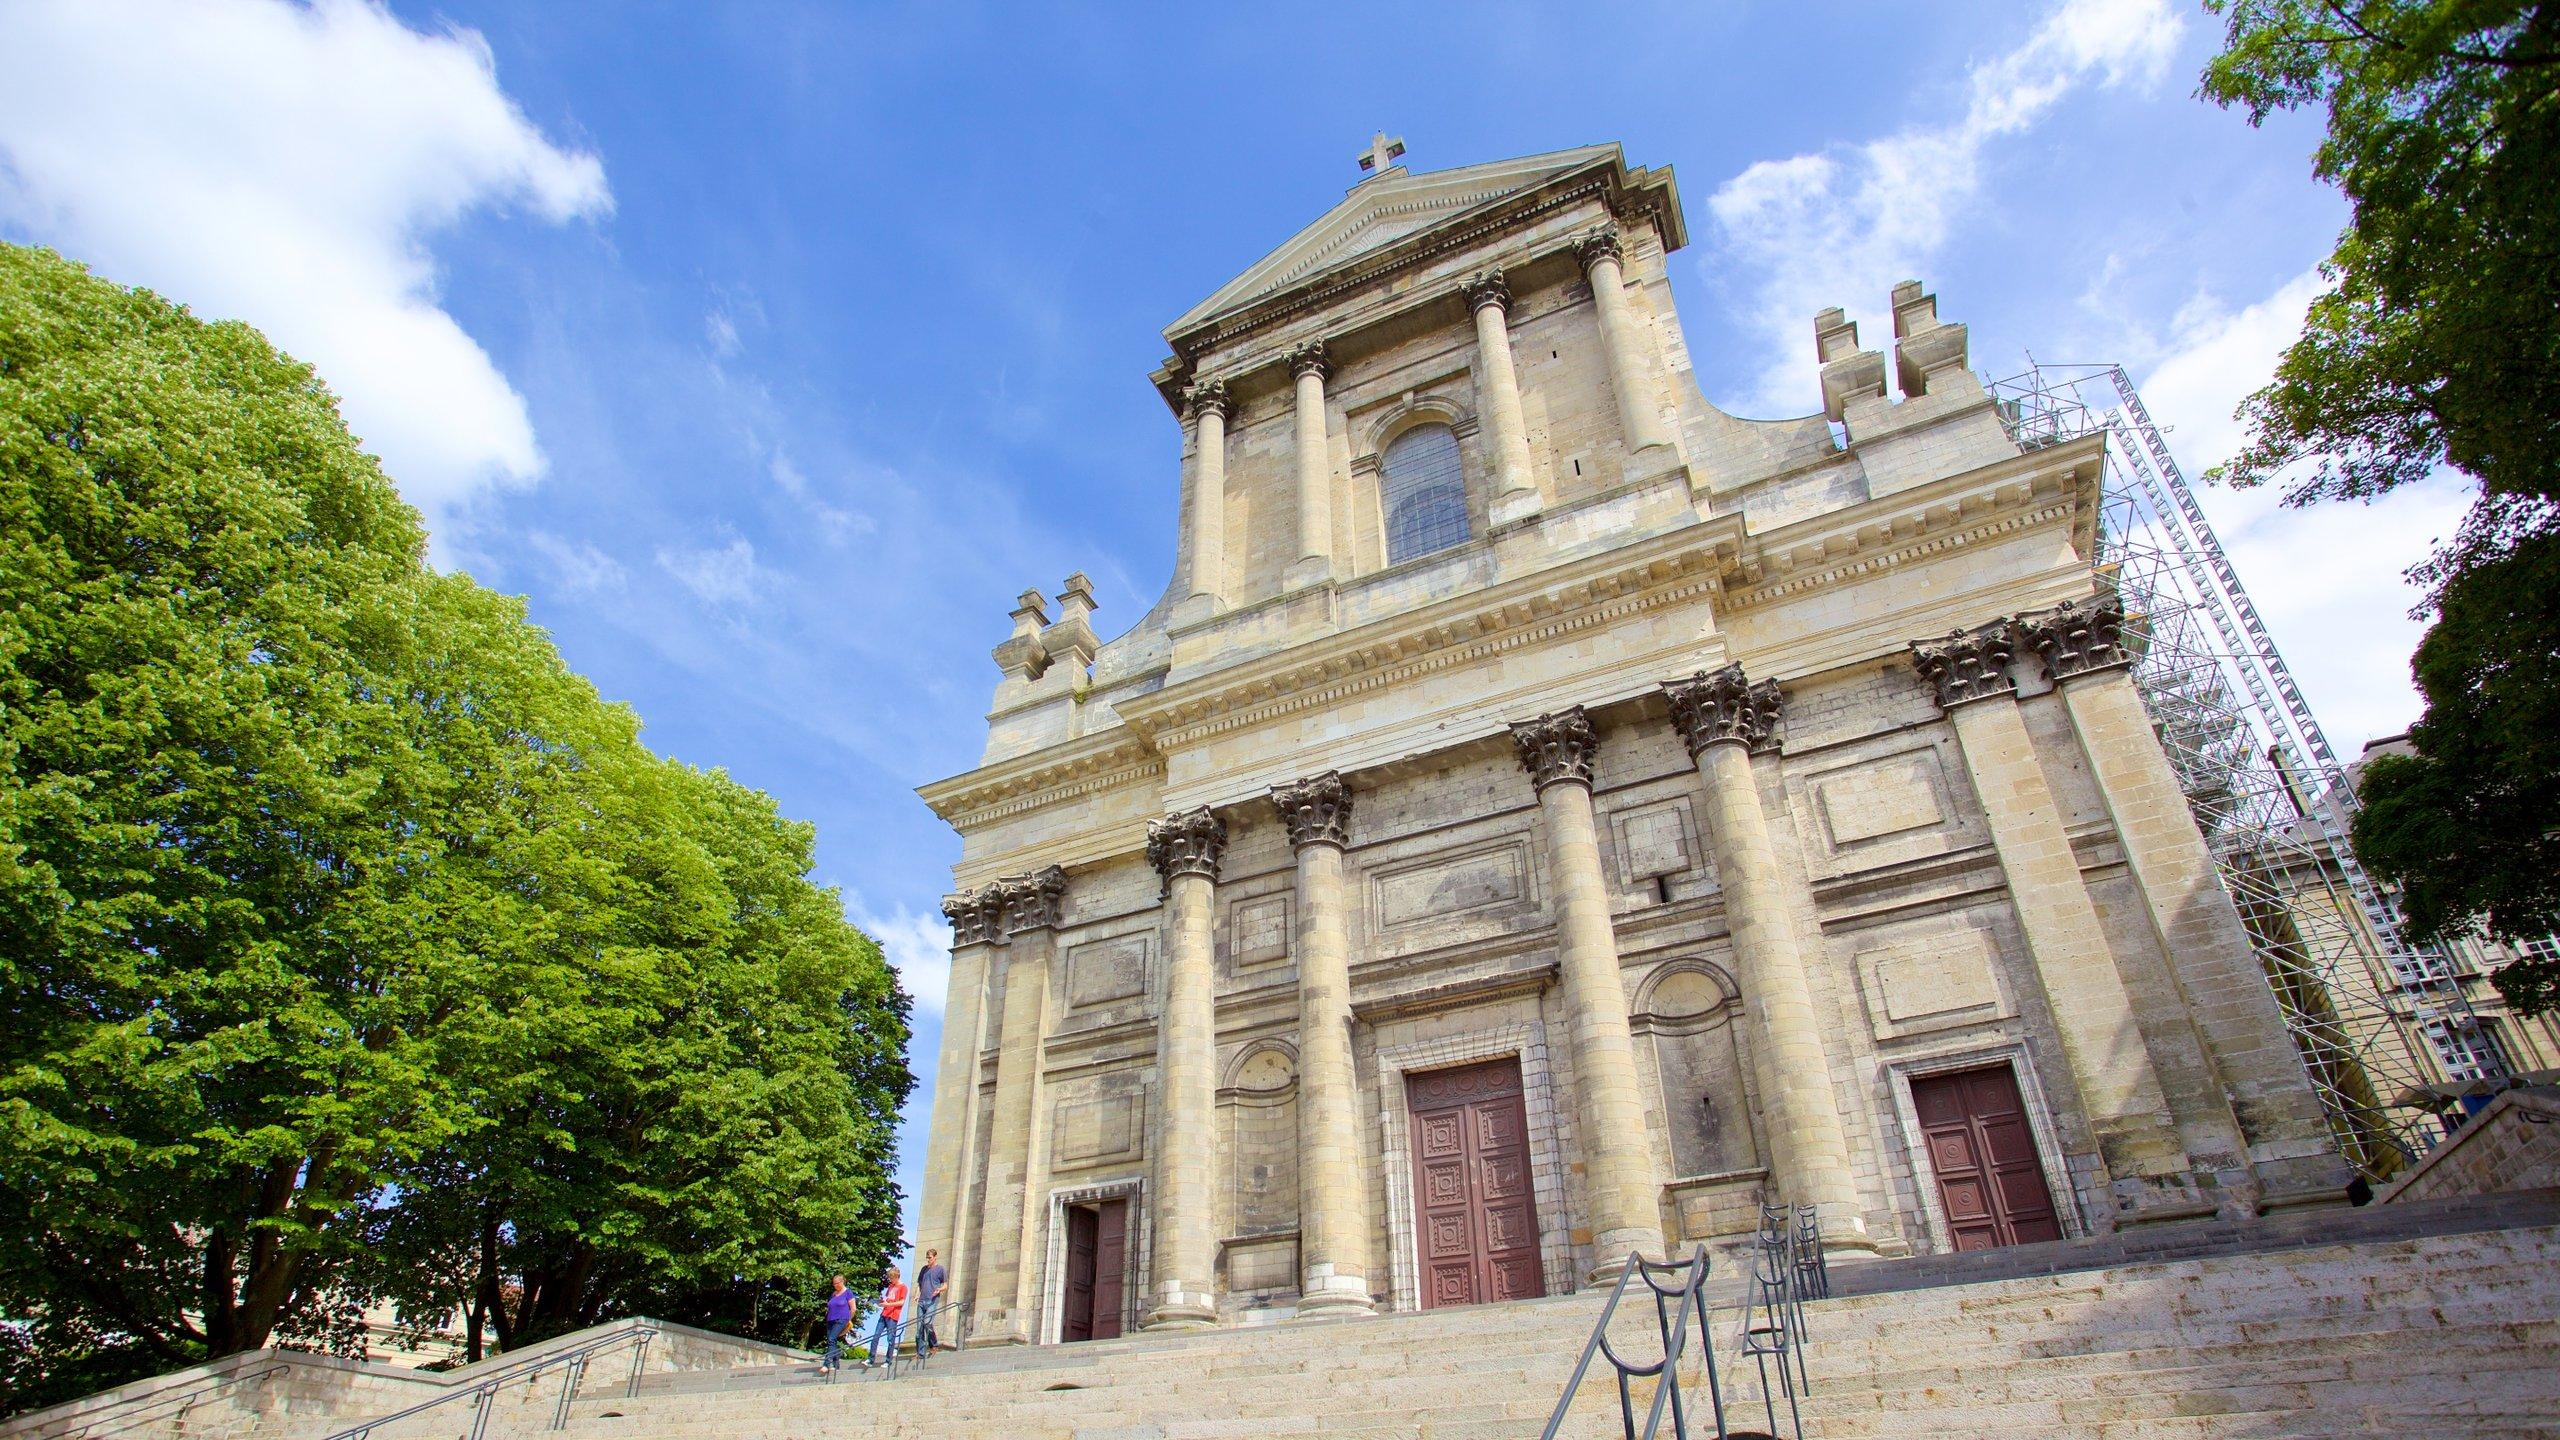 Notre Dame Cathedral, Arras, Pas-de-Calais, France